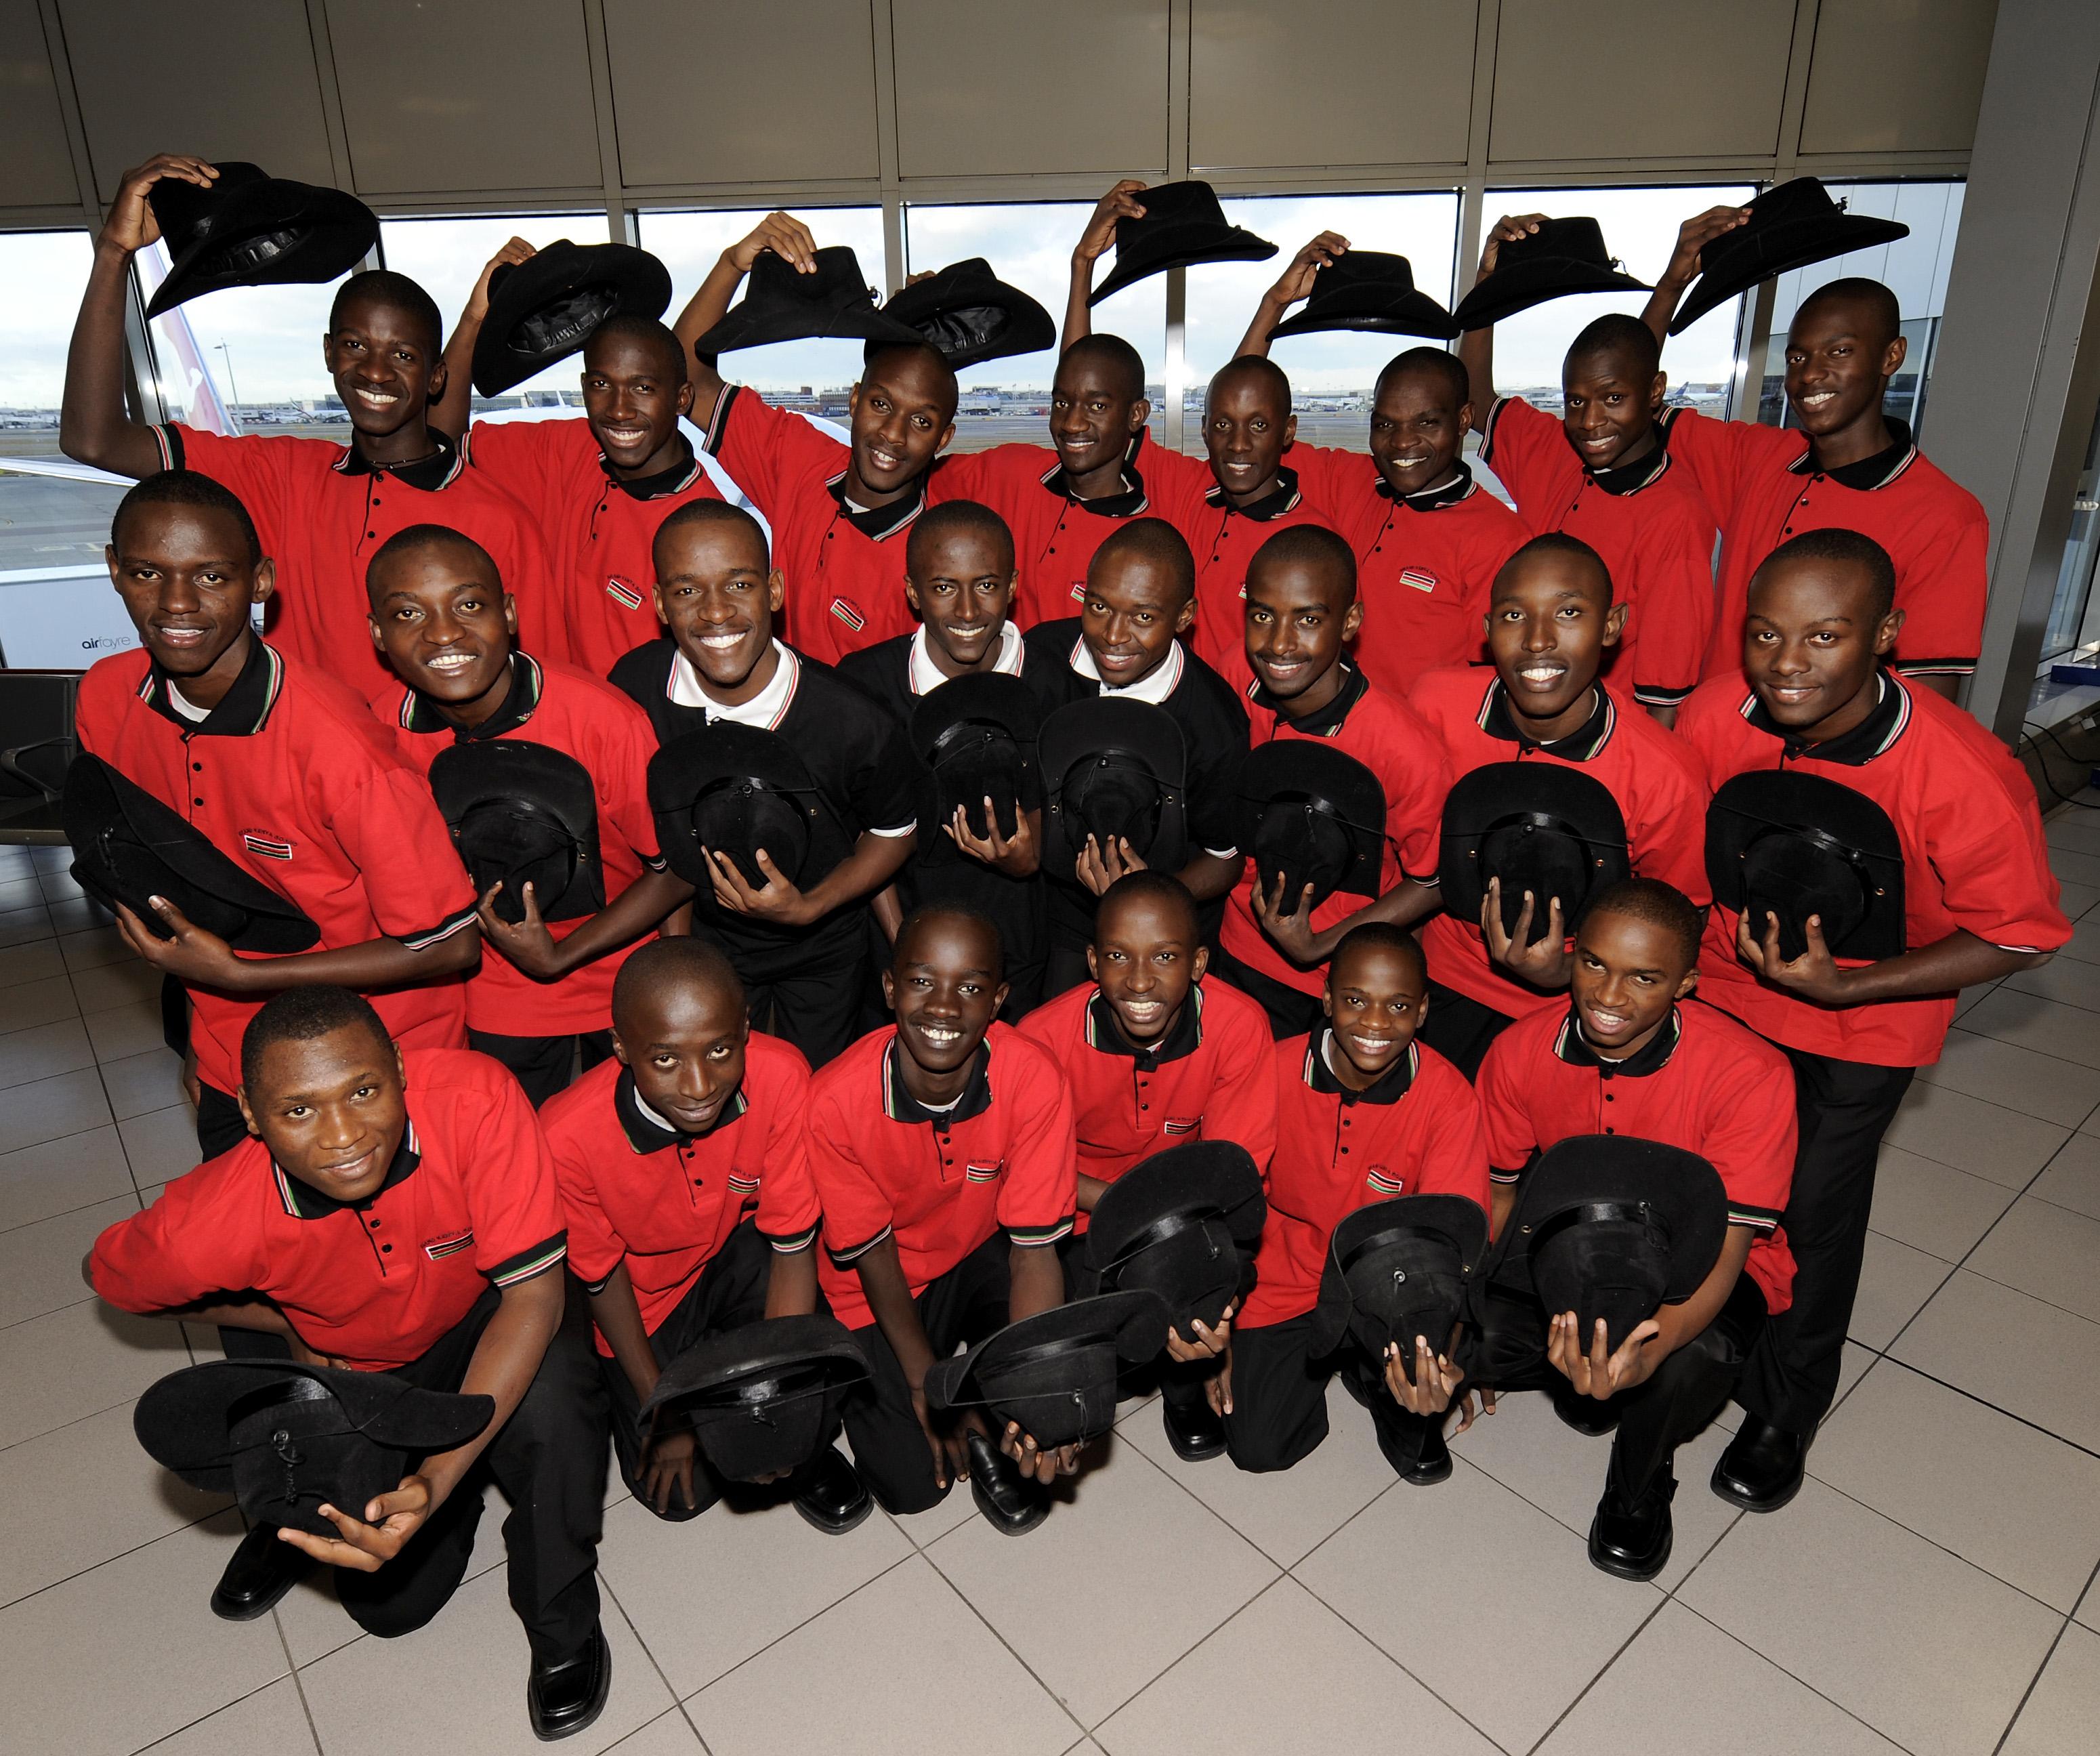 Kenya Boys Choir